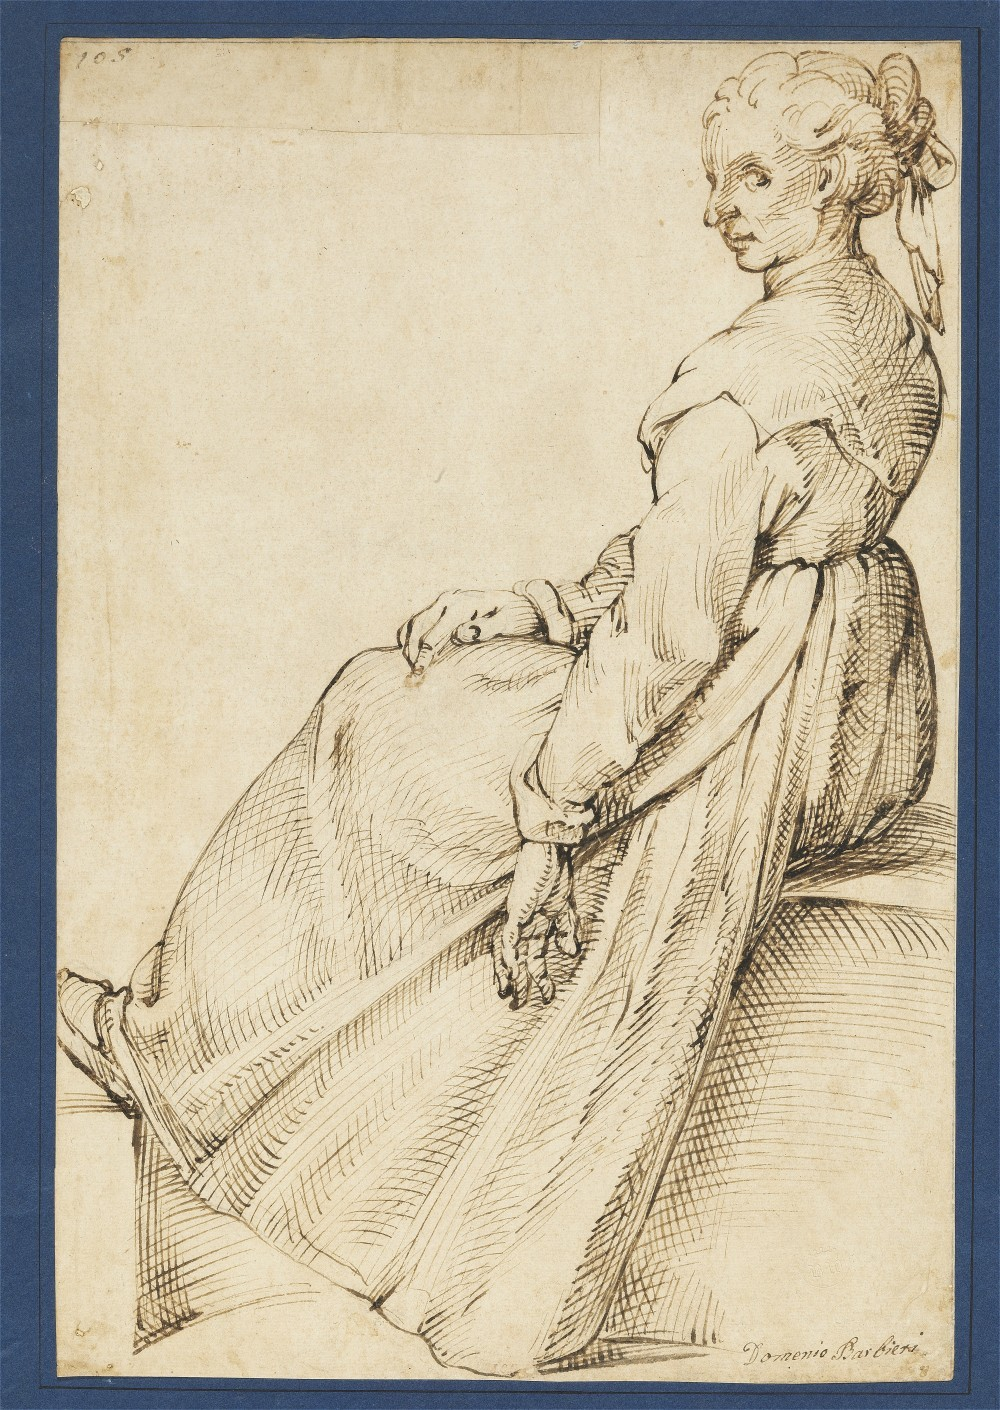 BARTOLOMEO PASSAROTTI - Eine sitzende Frau blickt zurück